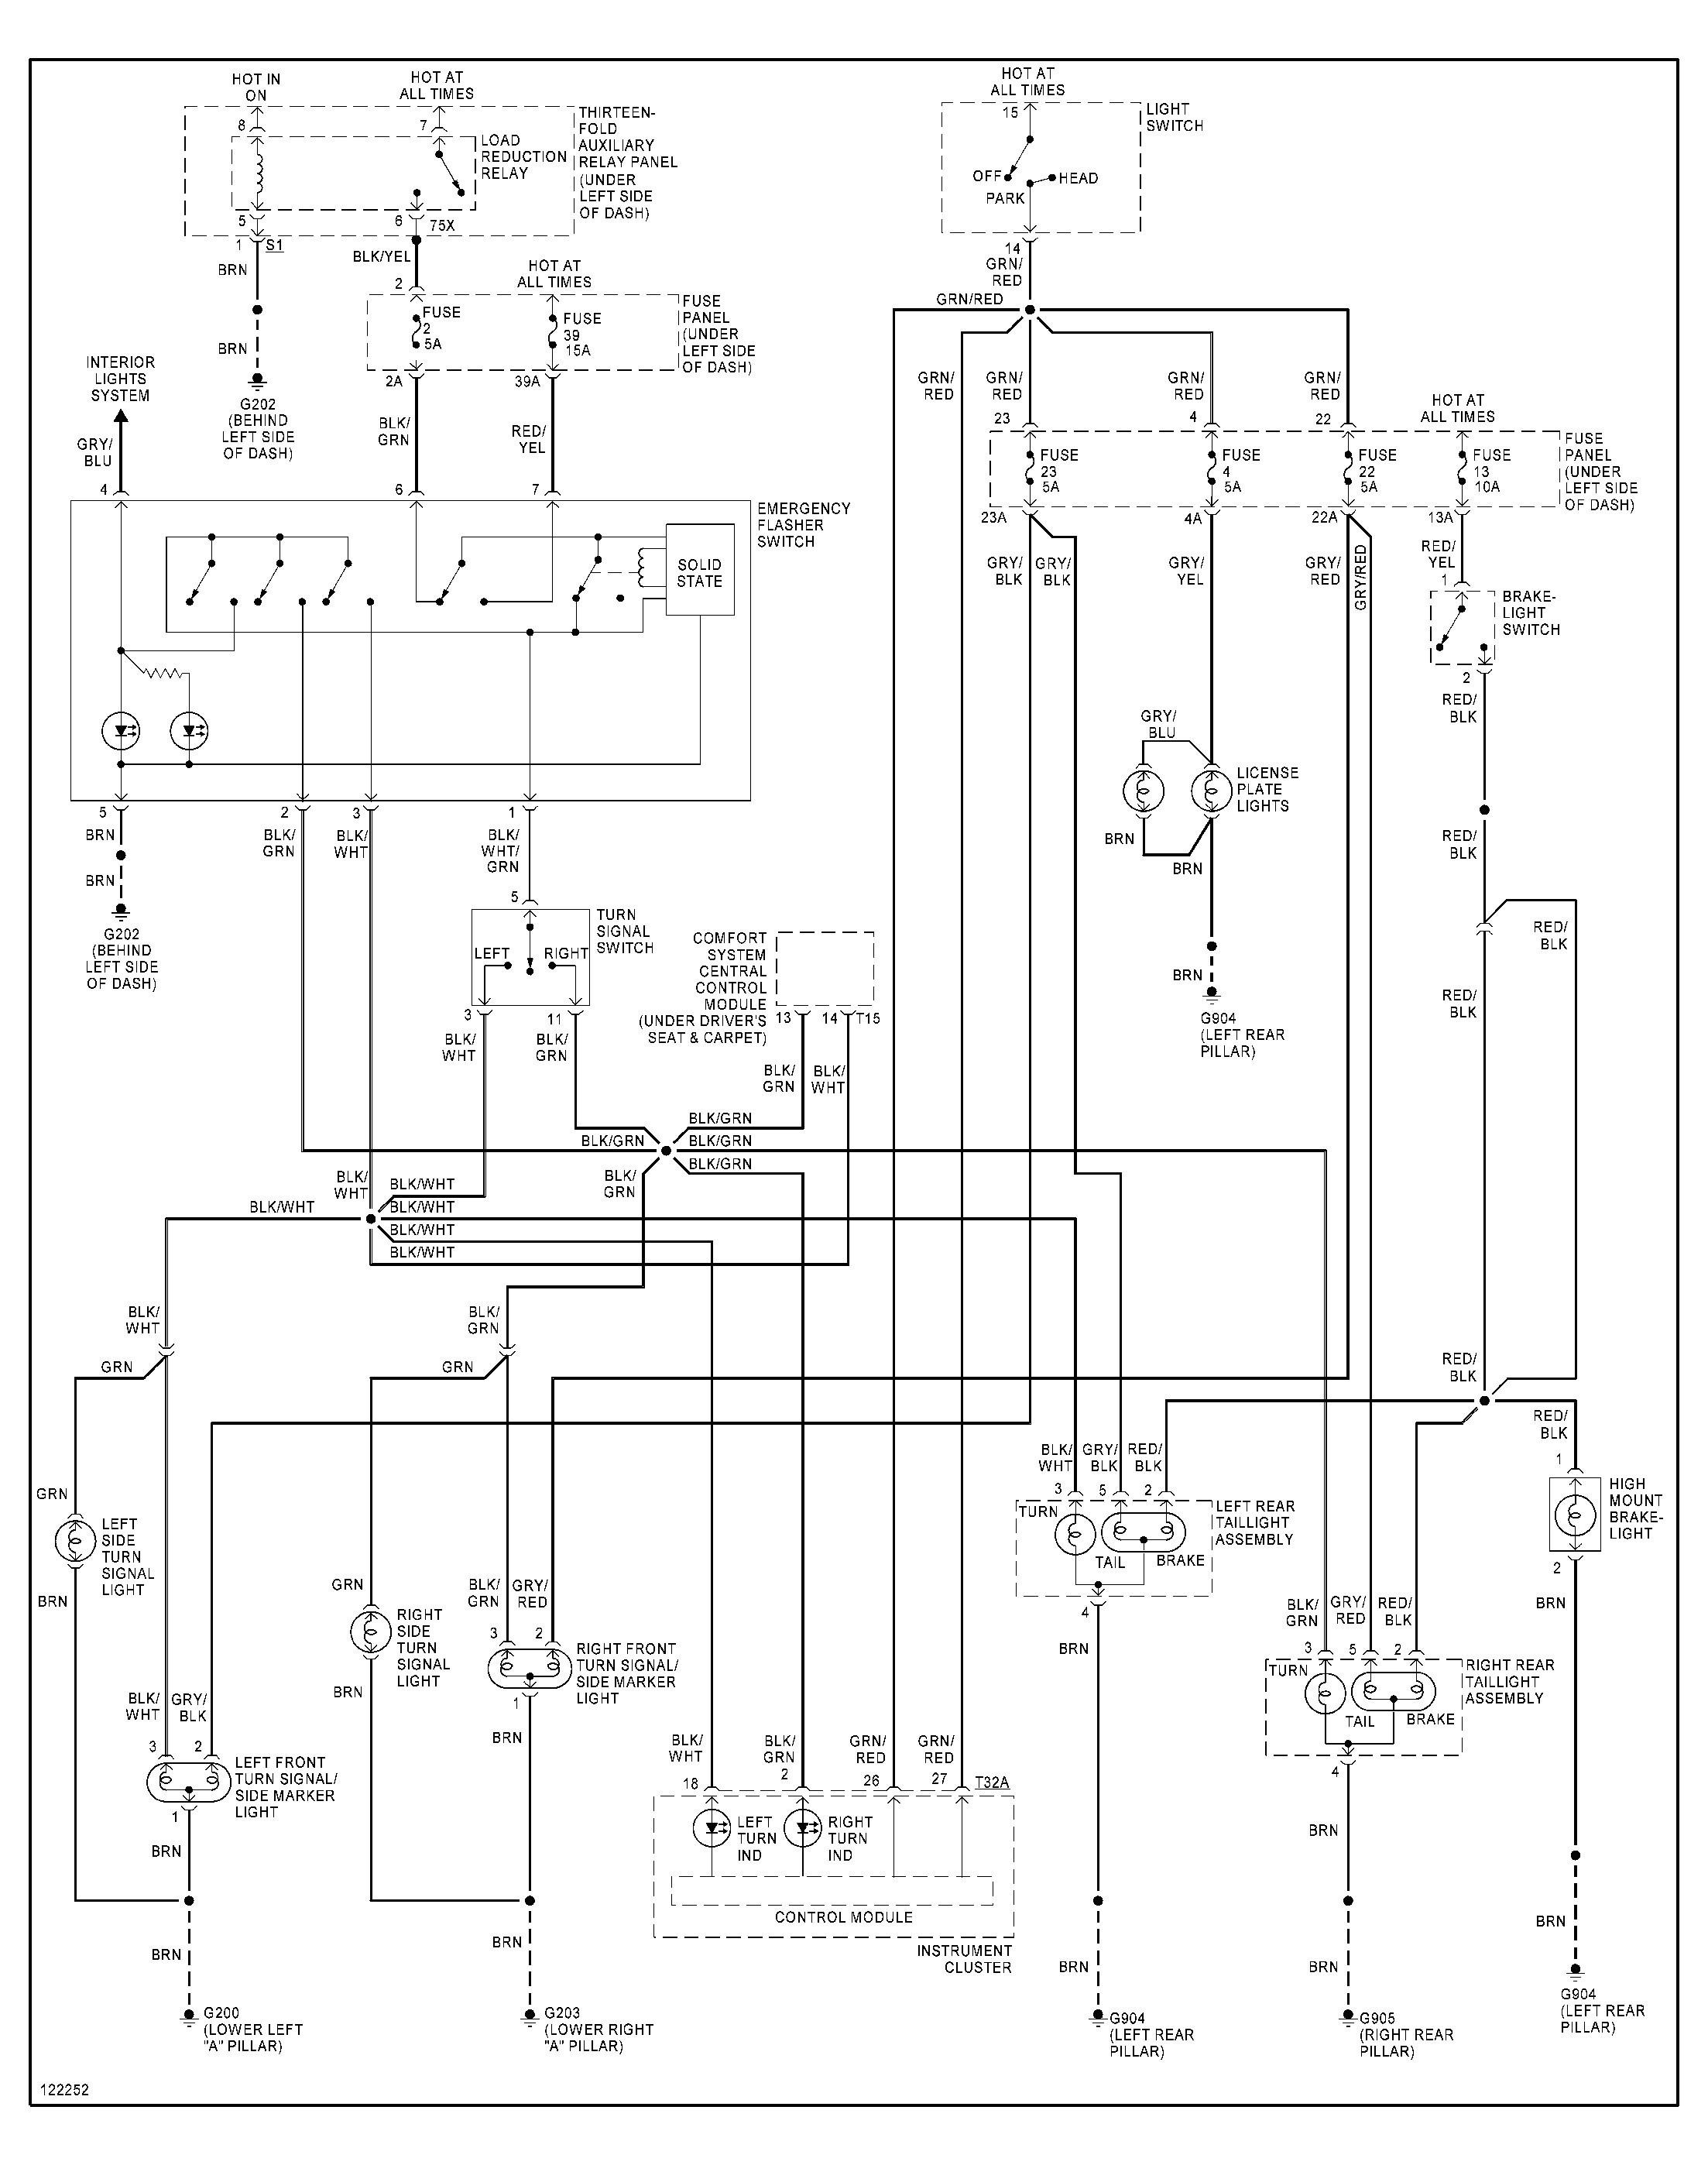 Volkswagen Beetle Engine Diagram Volkswagen Timing Belt and Cover Volkswagen Circuit Diagrams Of Volkswagen Beetle Engine Diagram